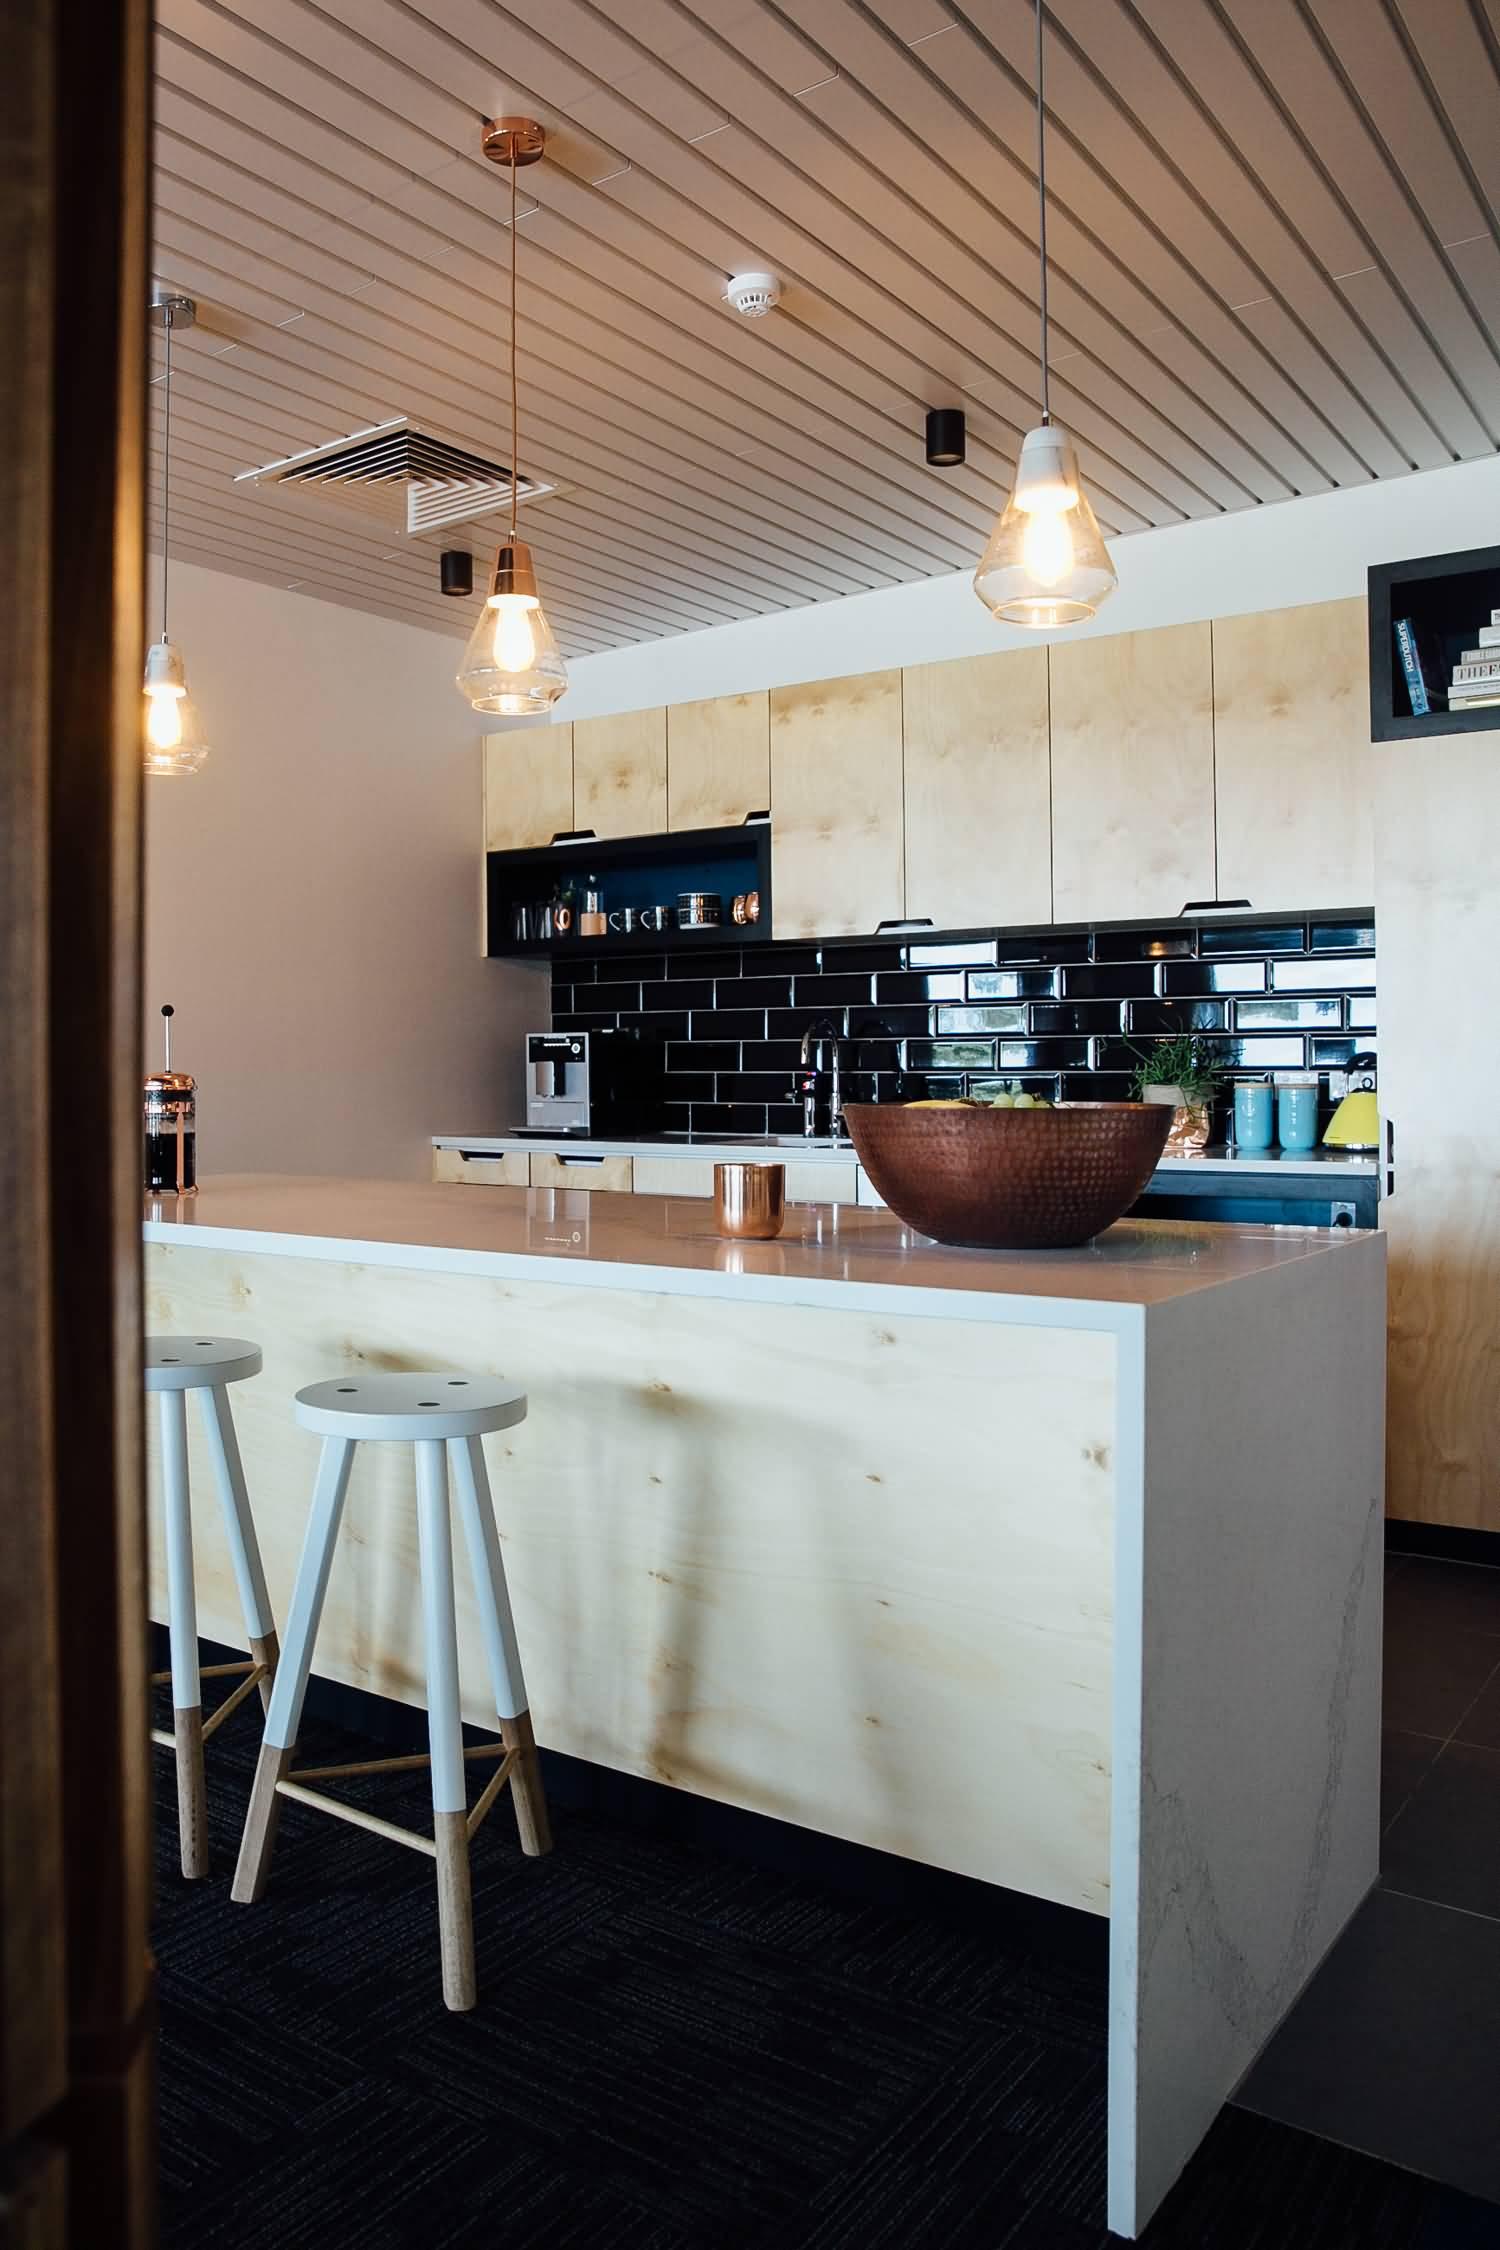 Guymer-bailey-architects-inbox-workspace-interiors-11.JPG